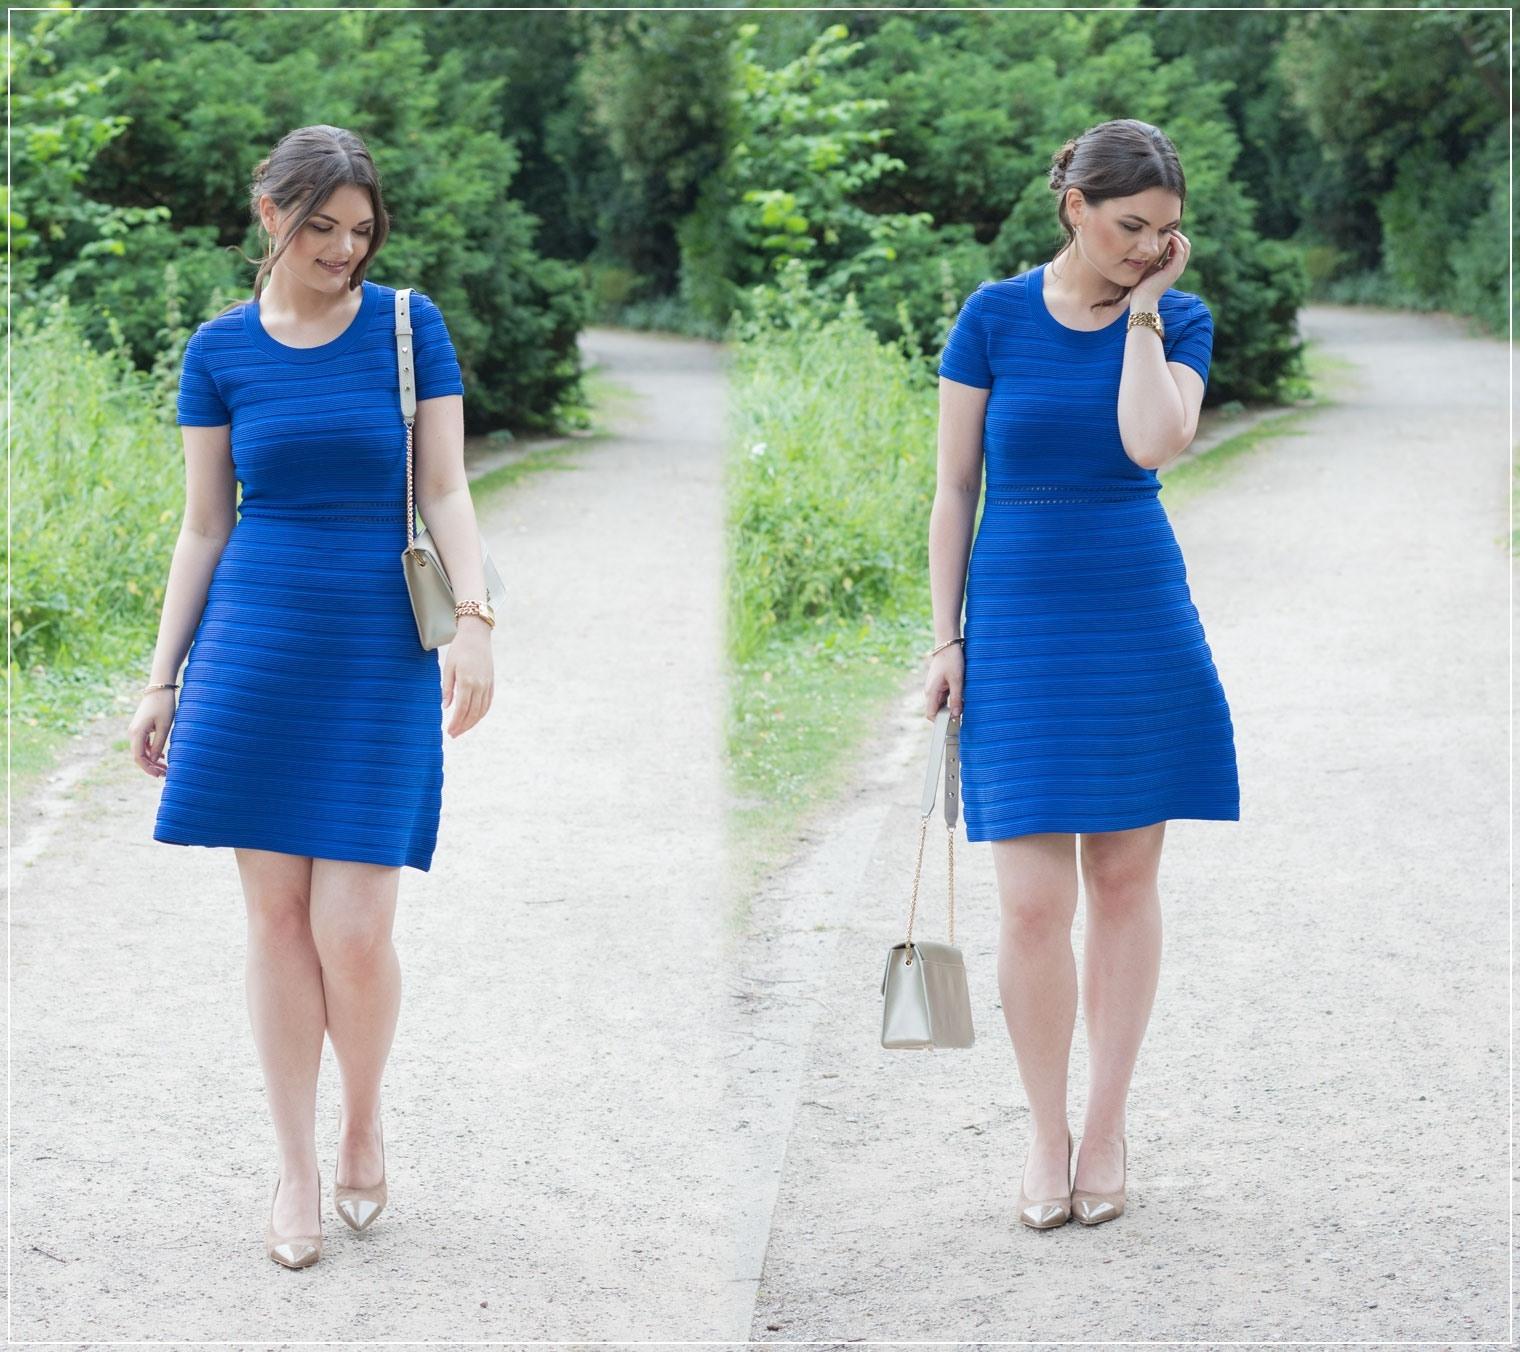 Erstaunlich Blaues Kleid Hochzeitsgast Galerie - Abendkleid